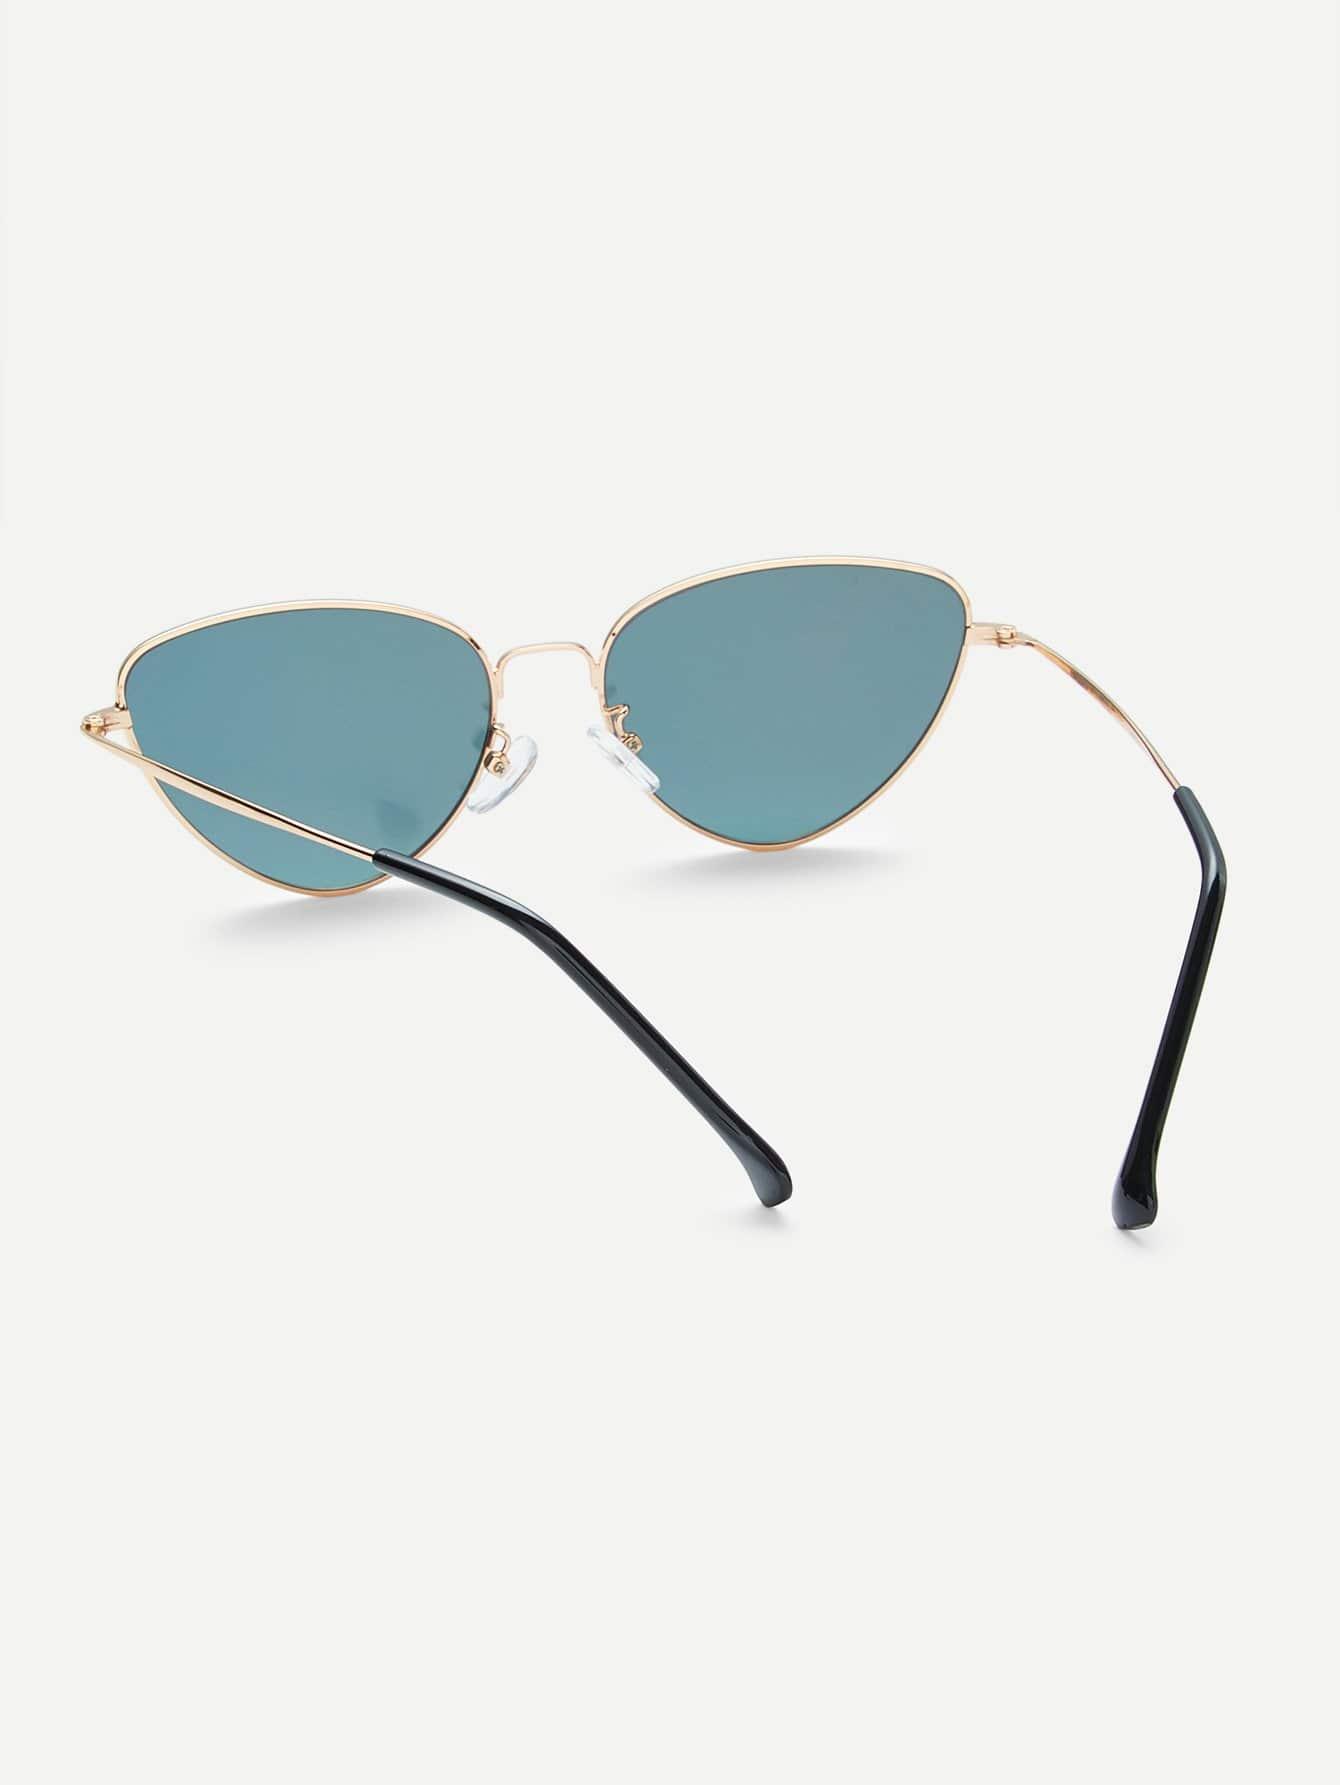 Ovale Sonnenbrille mit Metall Rahmen und Katzeaugen - German romwe